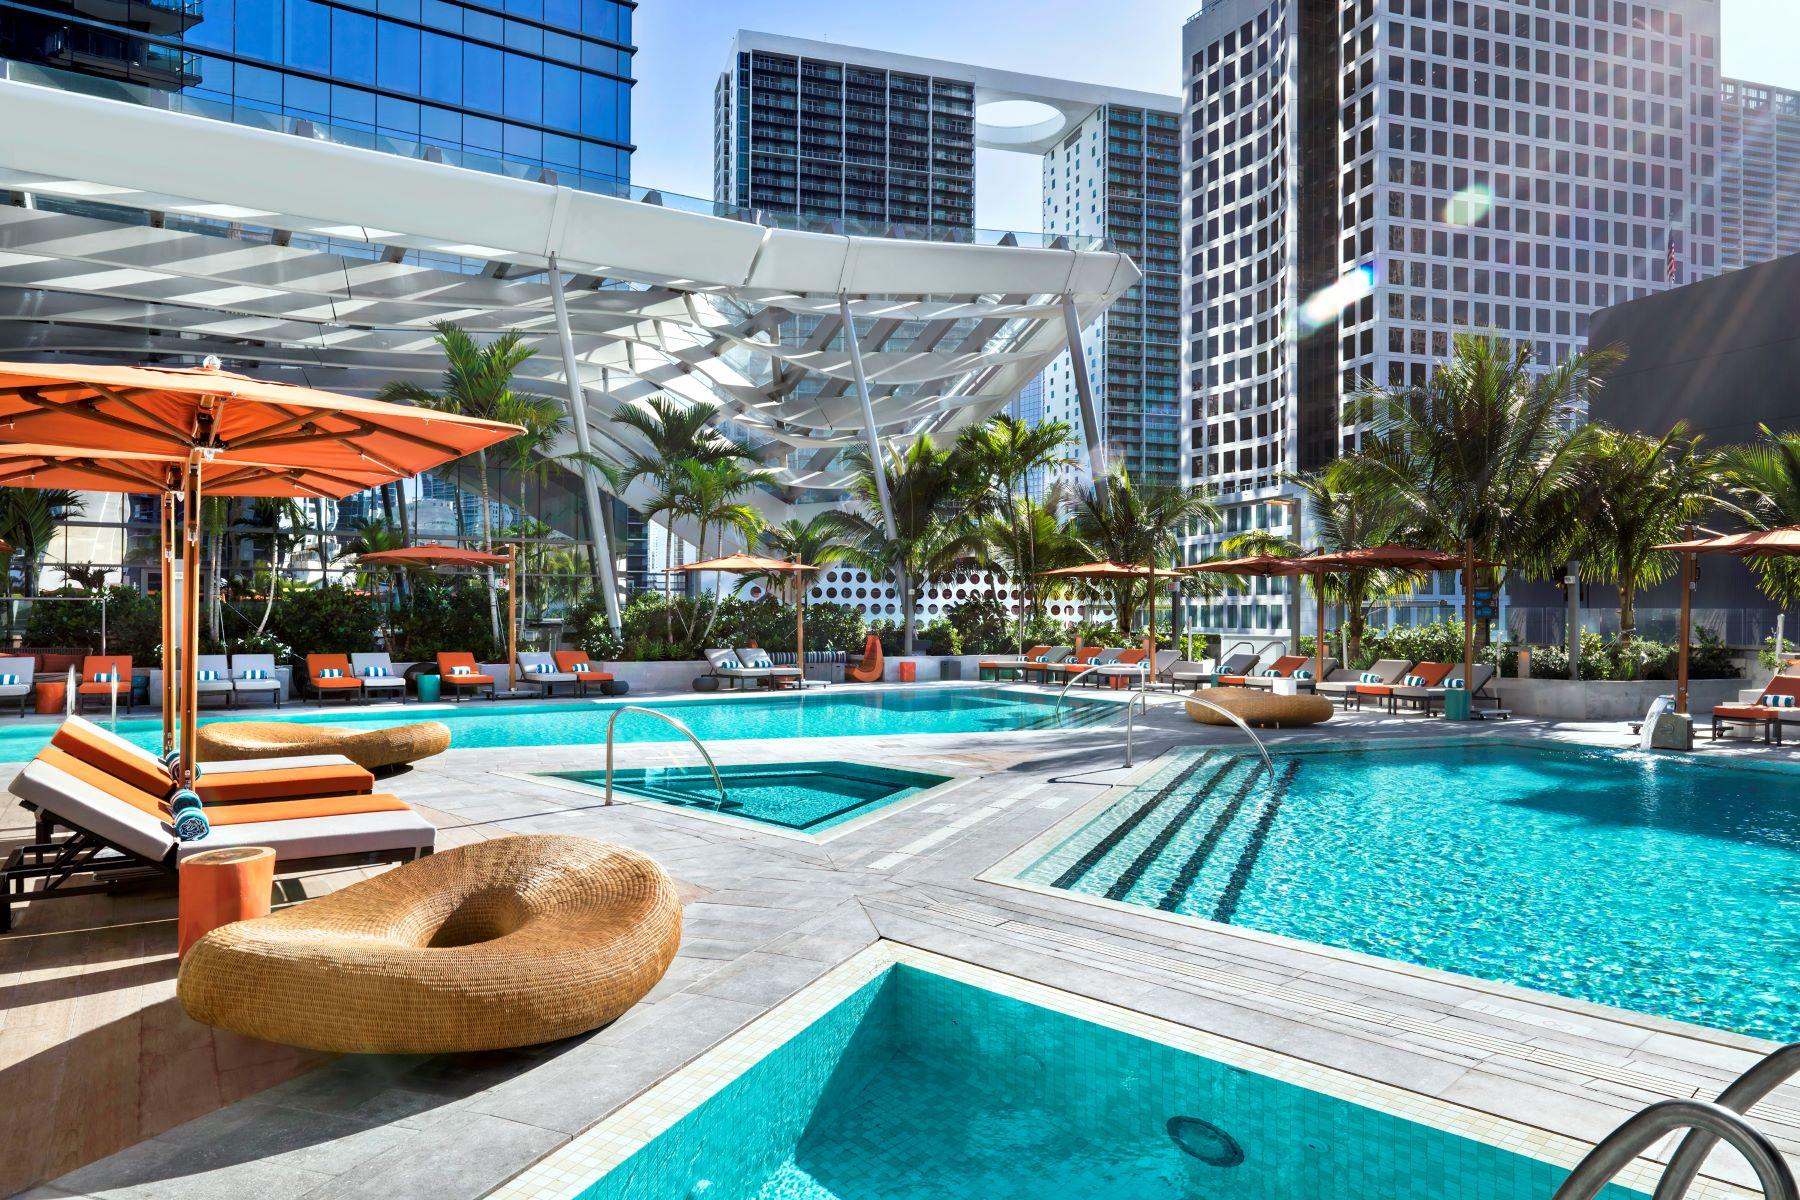 شقة بعمارة للـ Rent في 788 Brickell Plaza #1107 788 Brickell Plaza 1107 Miami, Florida 33131 United States